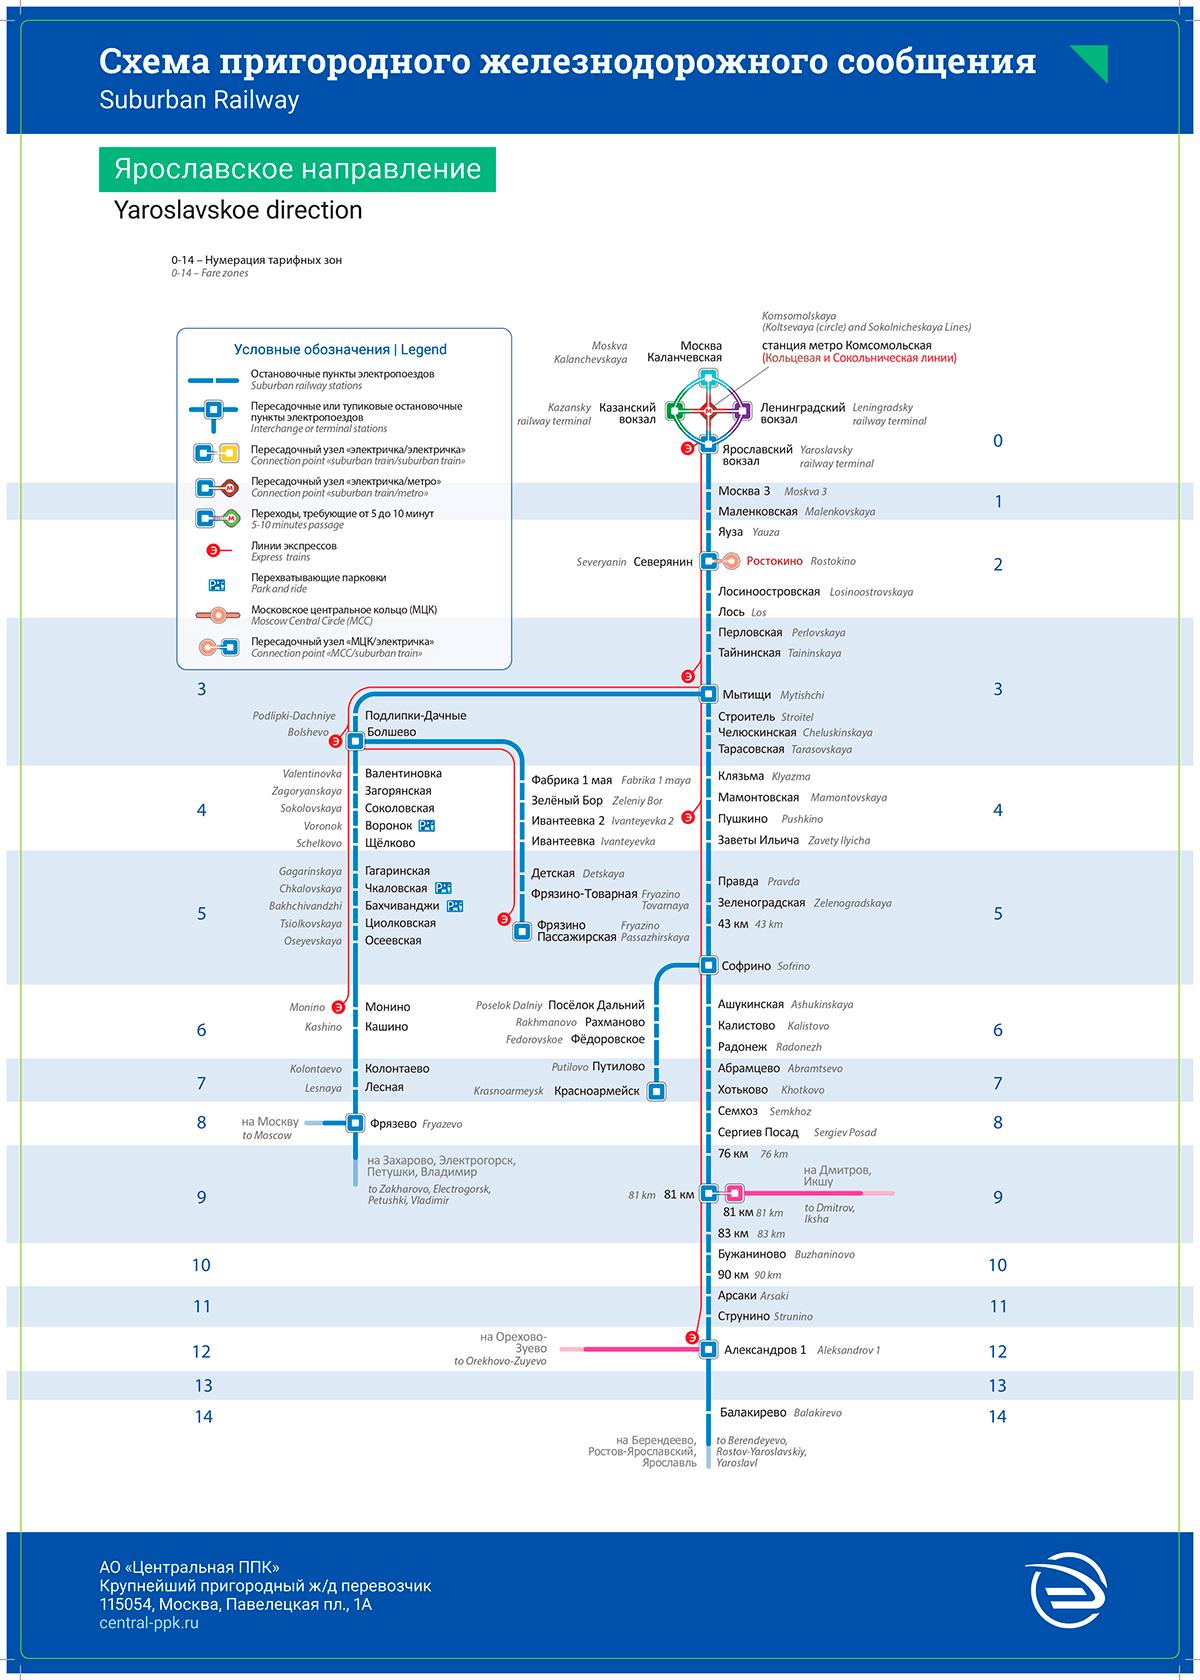 Схема движения пригородных электропоездов Ярославского направления